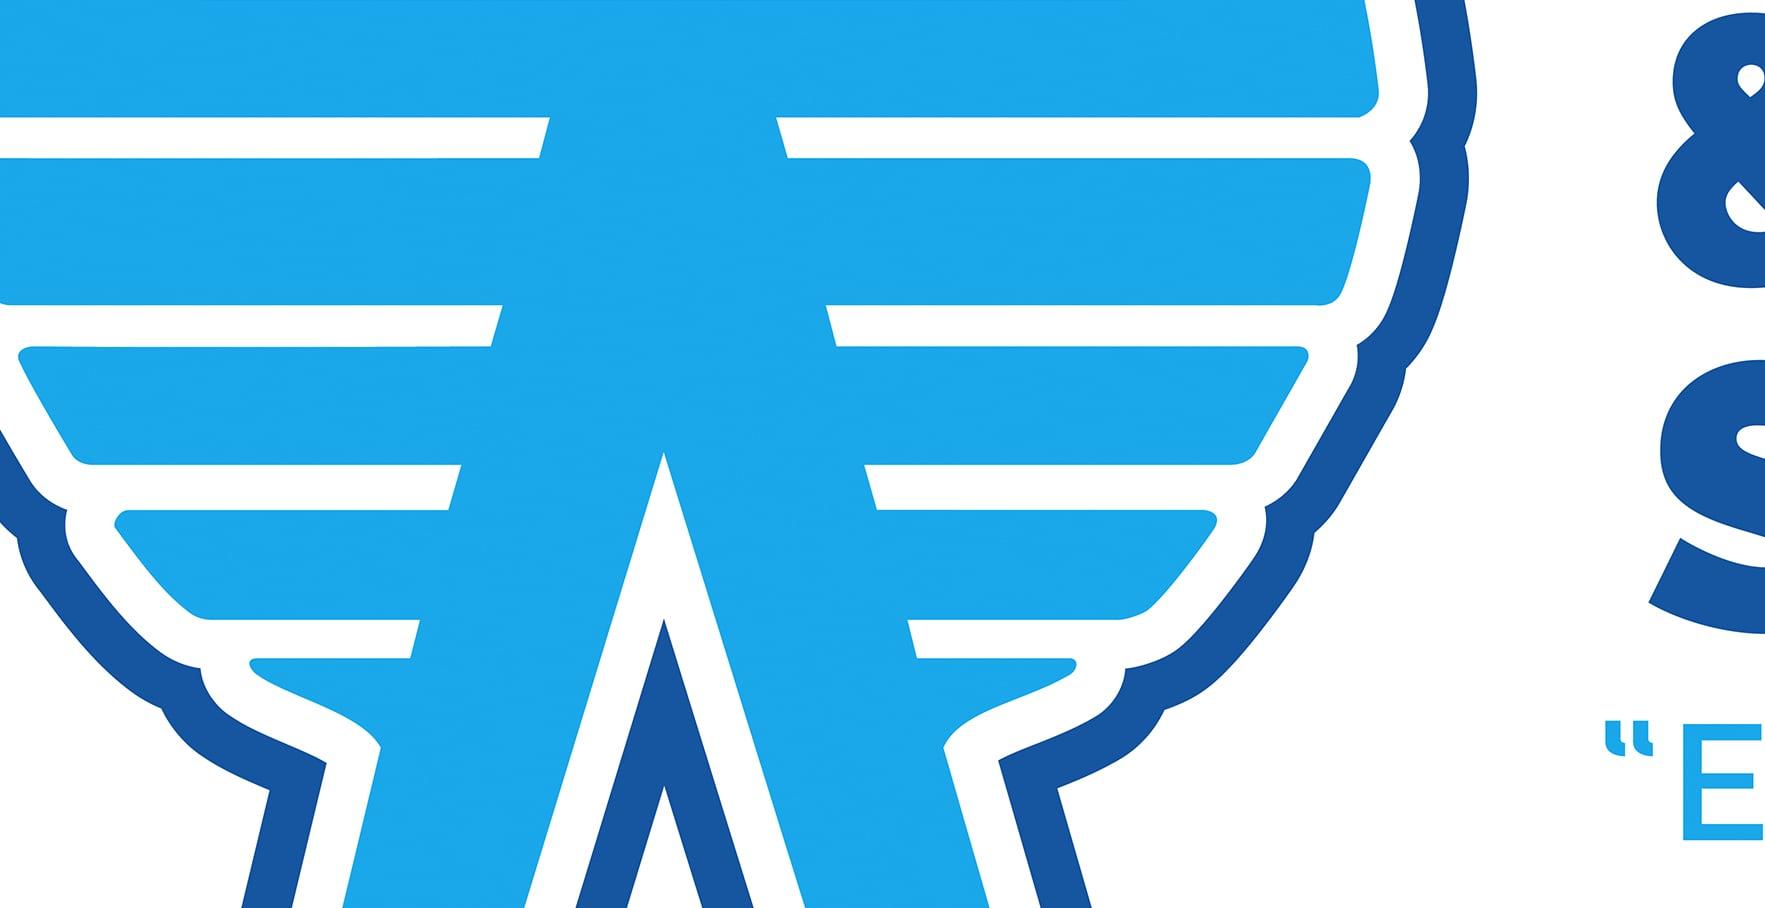 cfs-logo-closeup-14-14.jpg